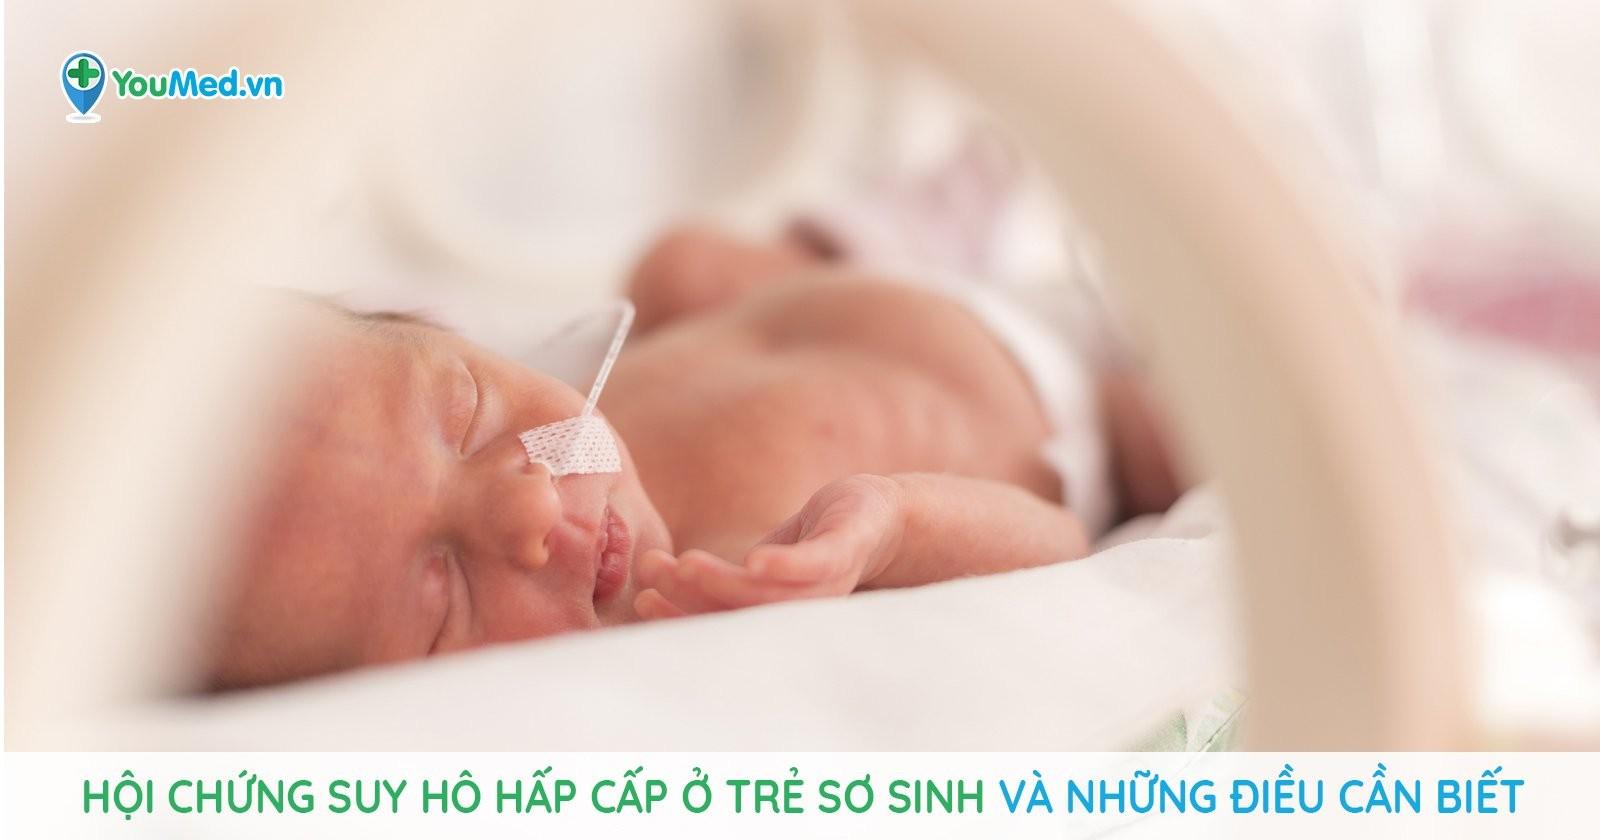 Hội chứng suy hô hấp cấp ở trẻ sơ sinh và những điều cần biết